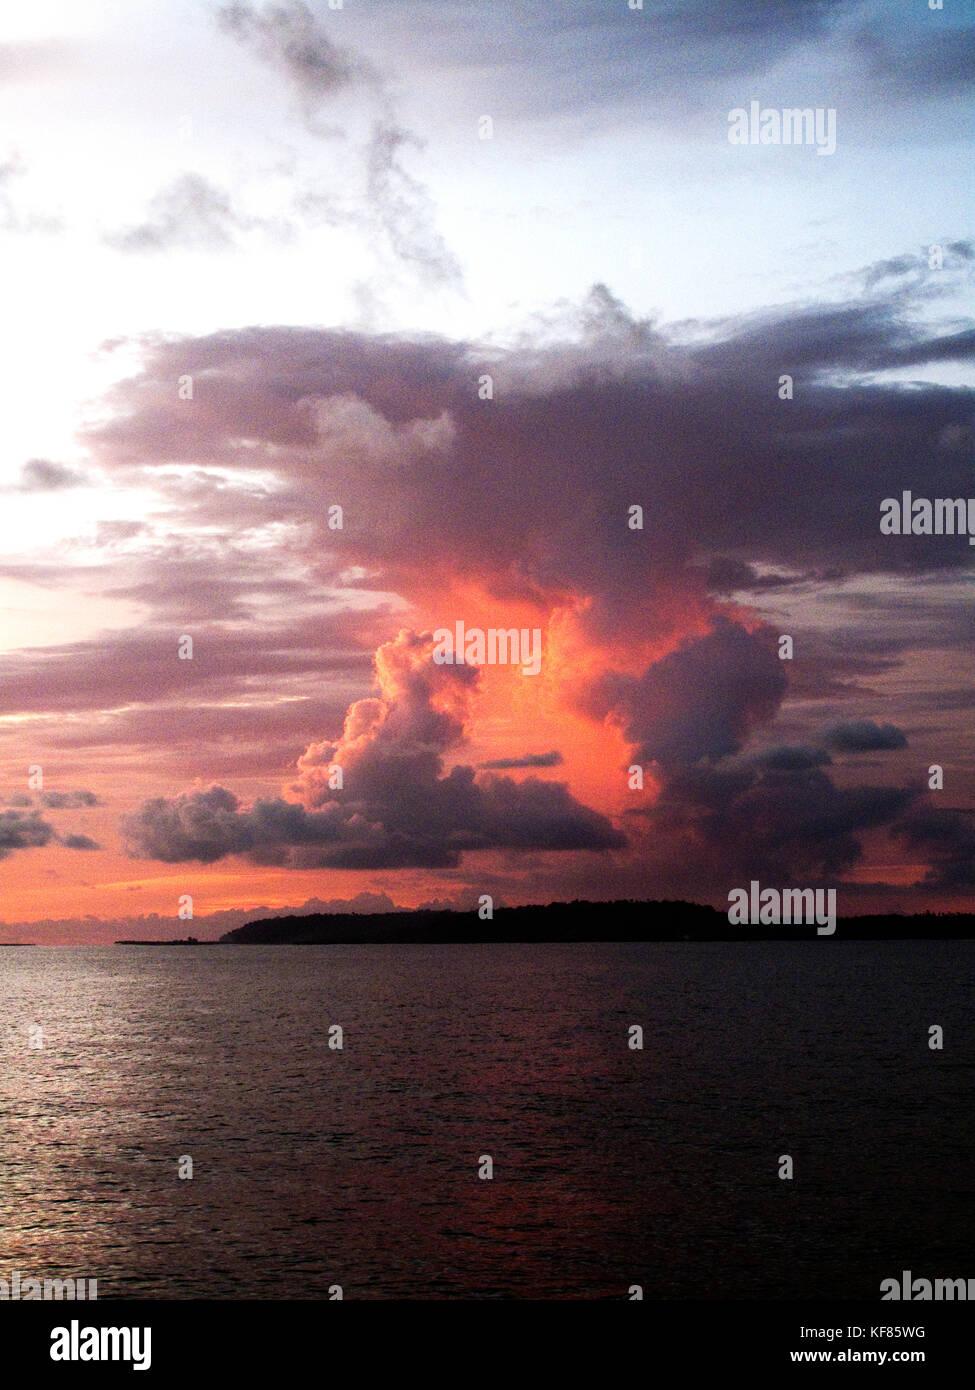 INDONESIA, Mentawai Islands, Indian Ocean at dusk - Stock Image